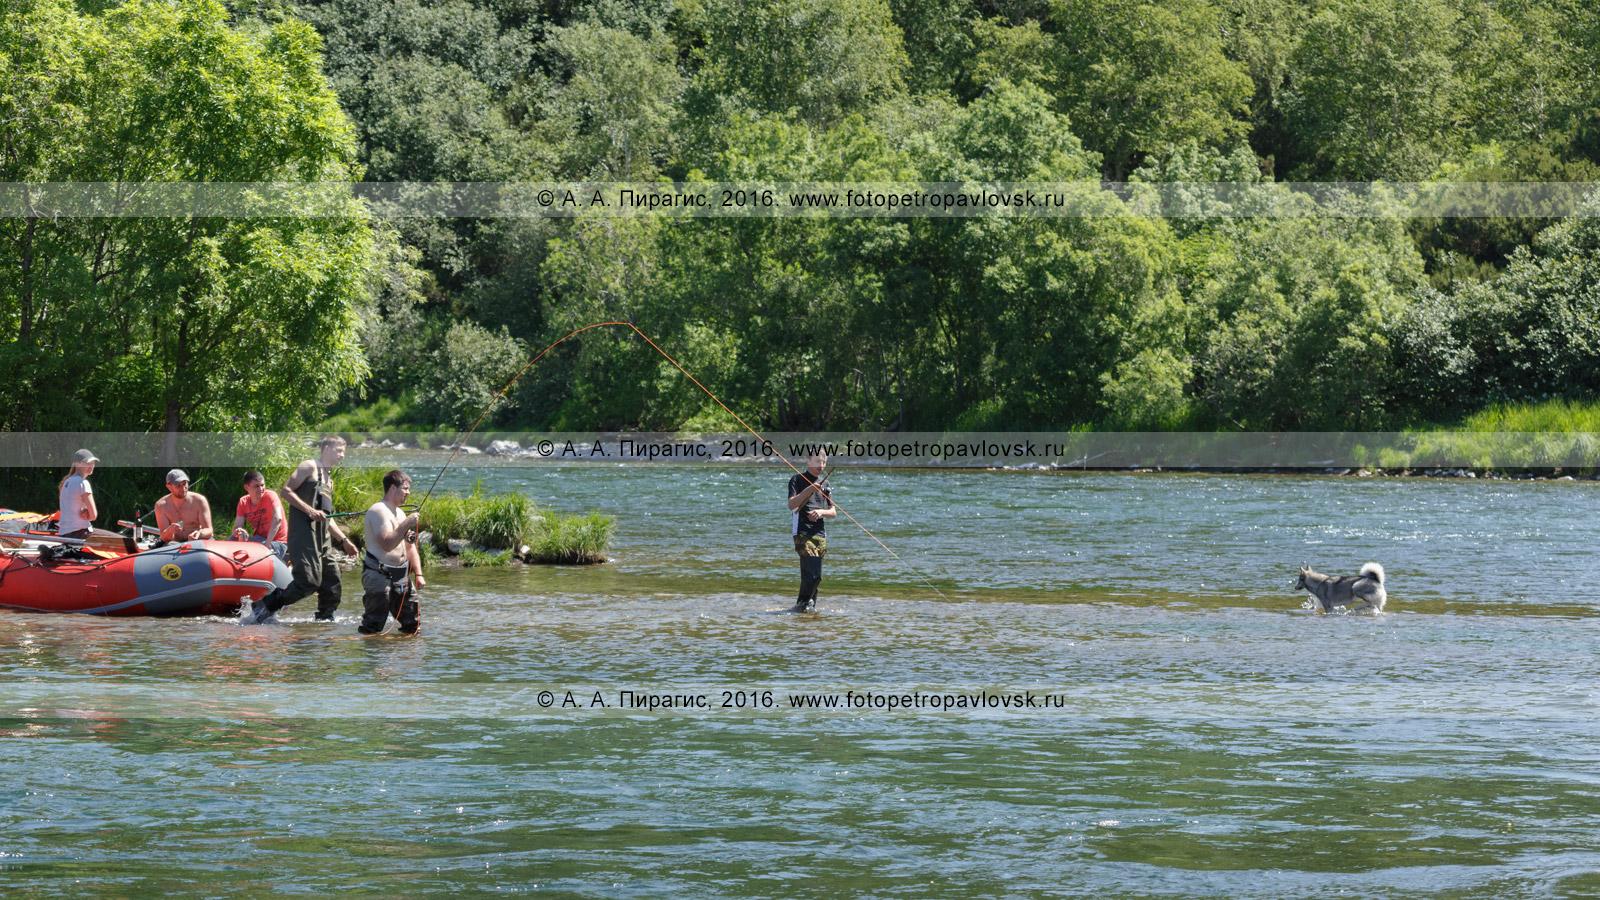 Фотография: туристы ловят нахлыстом рыбу радужная форель (микижа) во время летнего сплава на рафте по камчатской горной реке